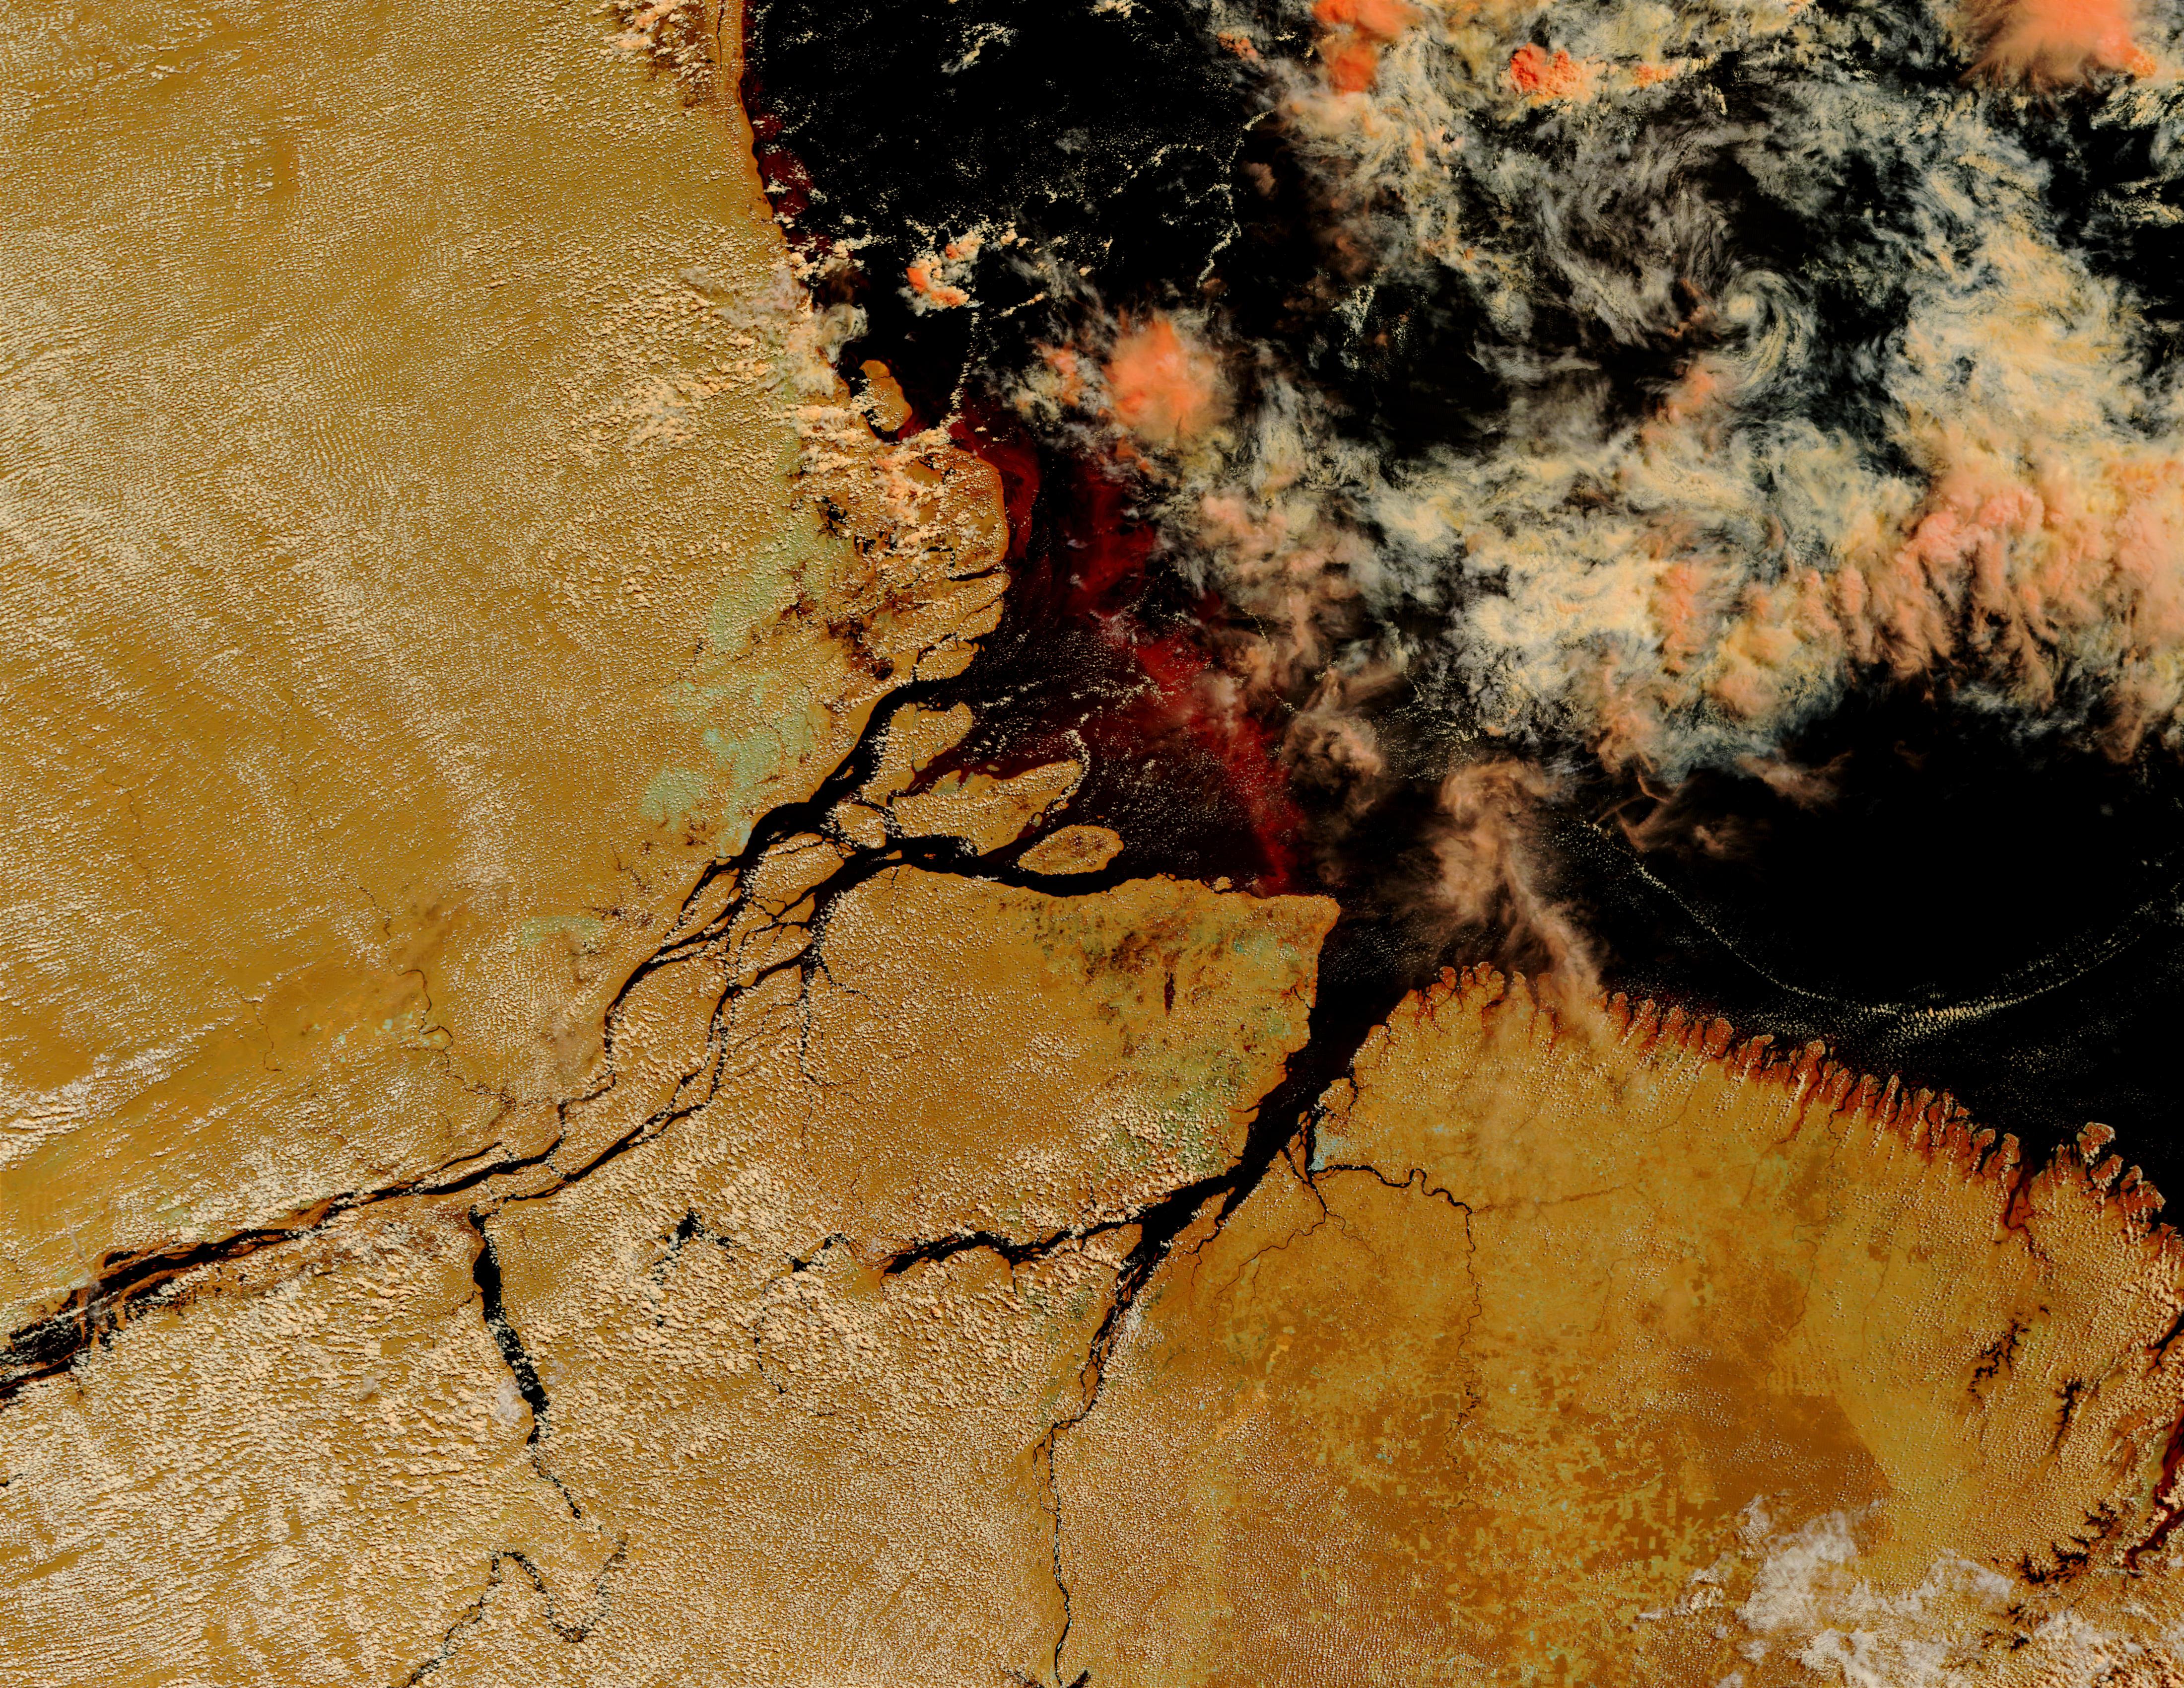 Desembocadura del río Amazonas, Brasil